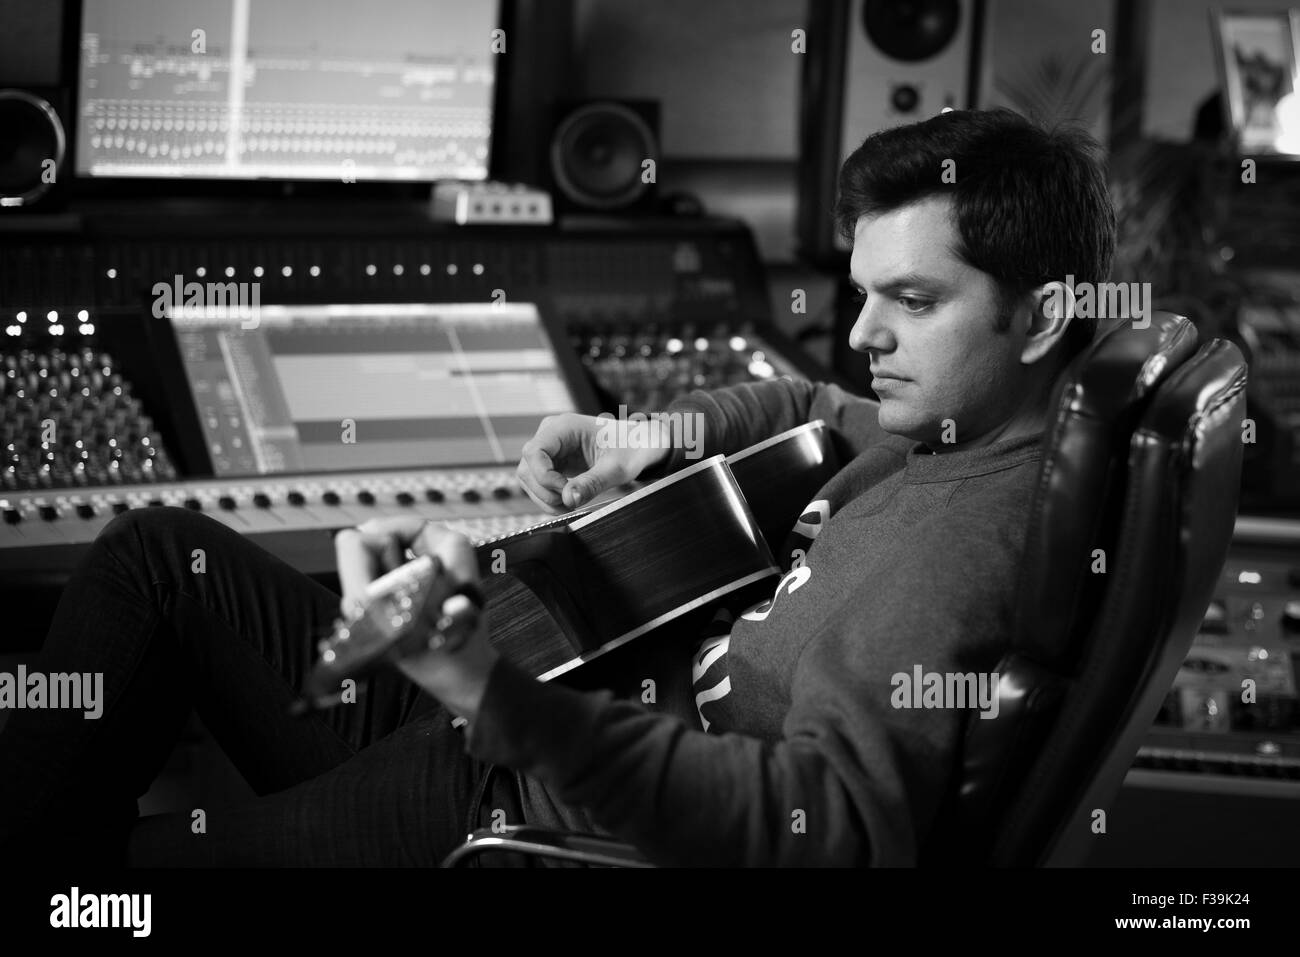 Uomo a suonare la chitarra in studio di registrazione Immagini Stock